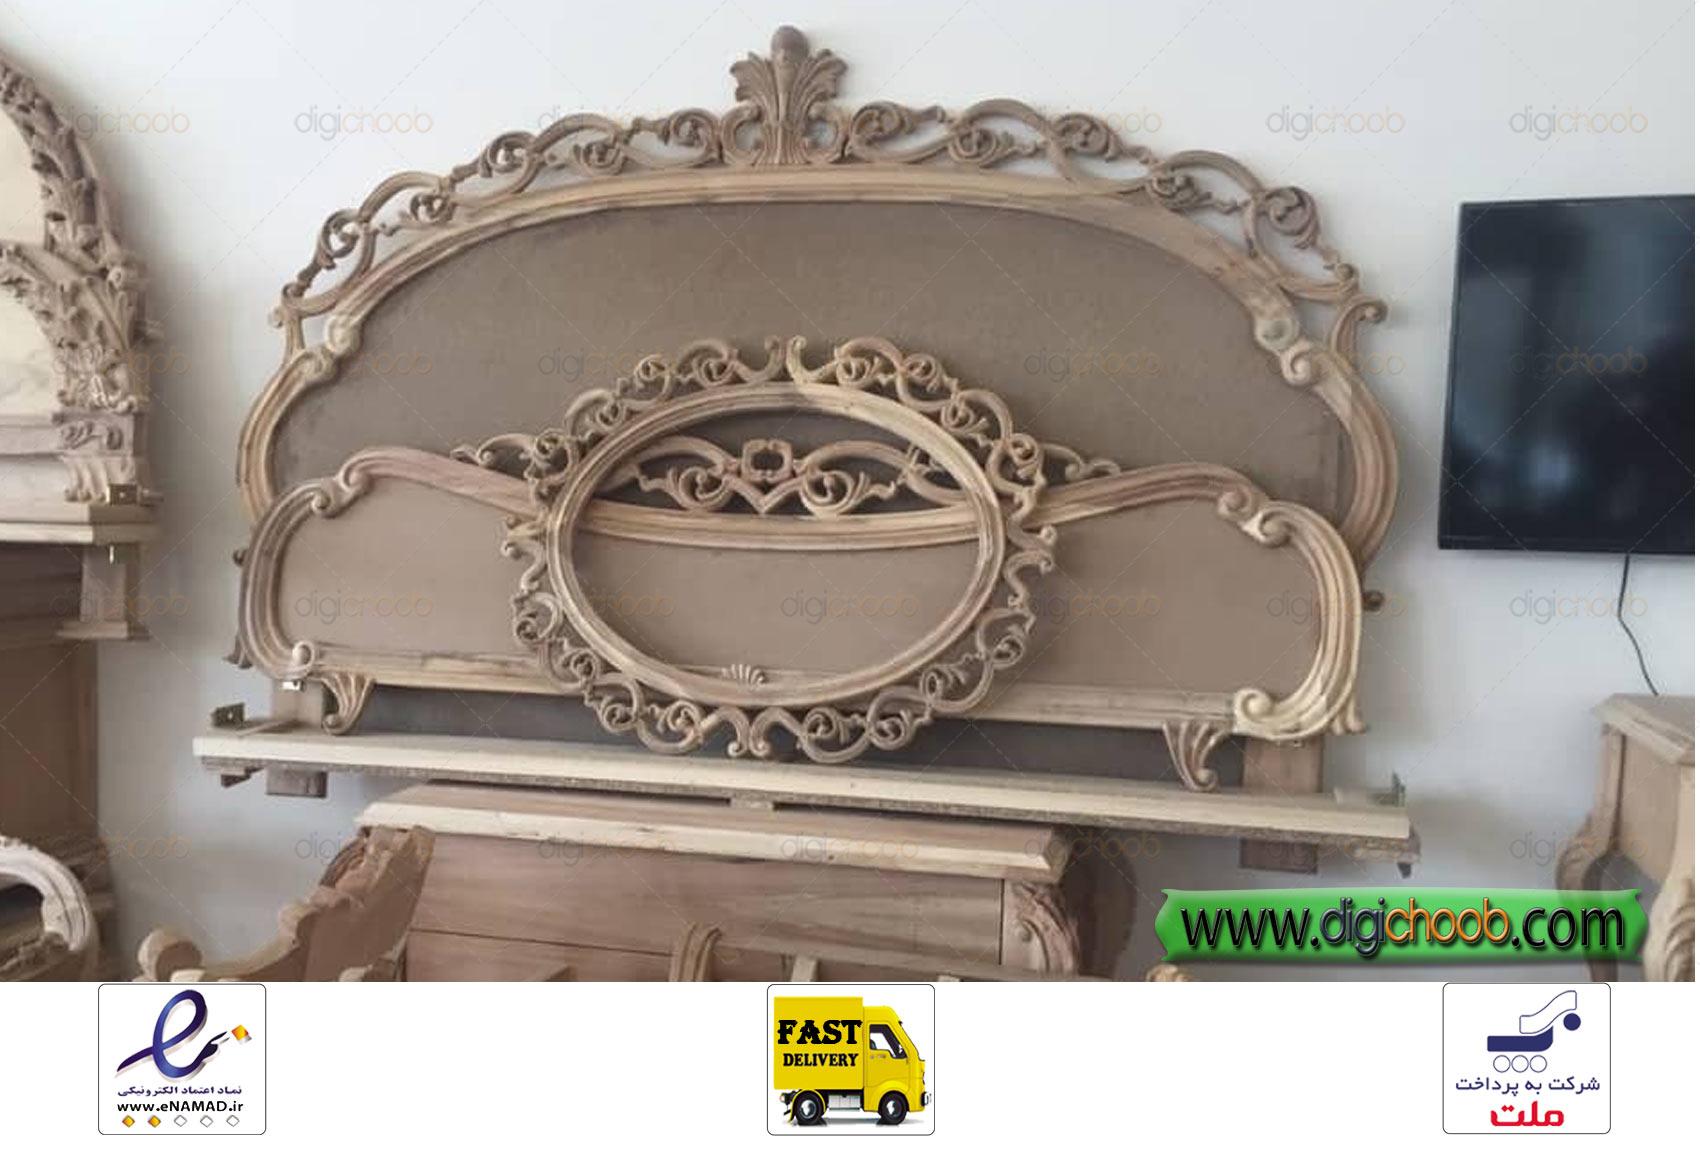 عکس خام رنگ نشده از سرویس خواب سلطنتی بیتا چوب راش